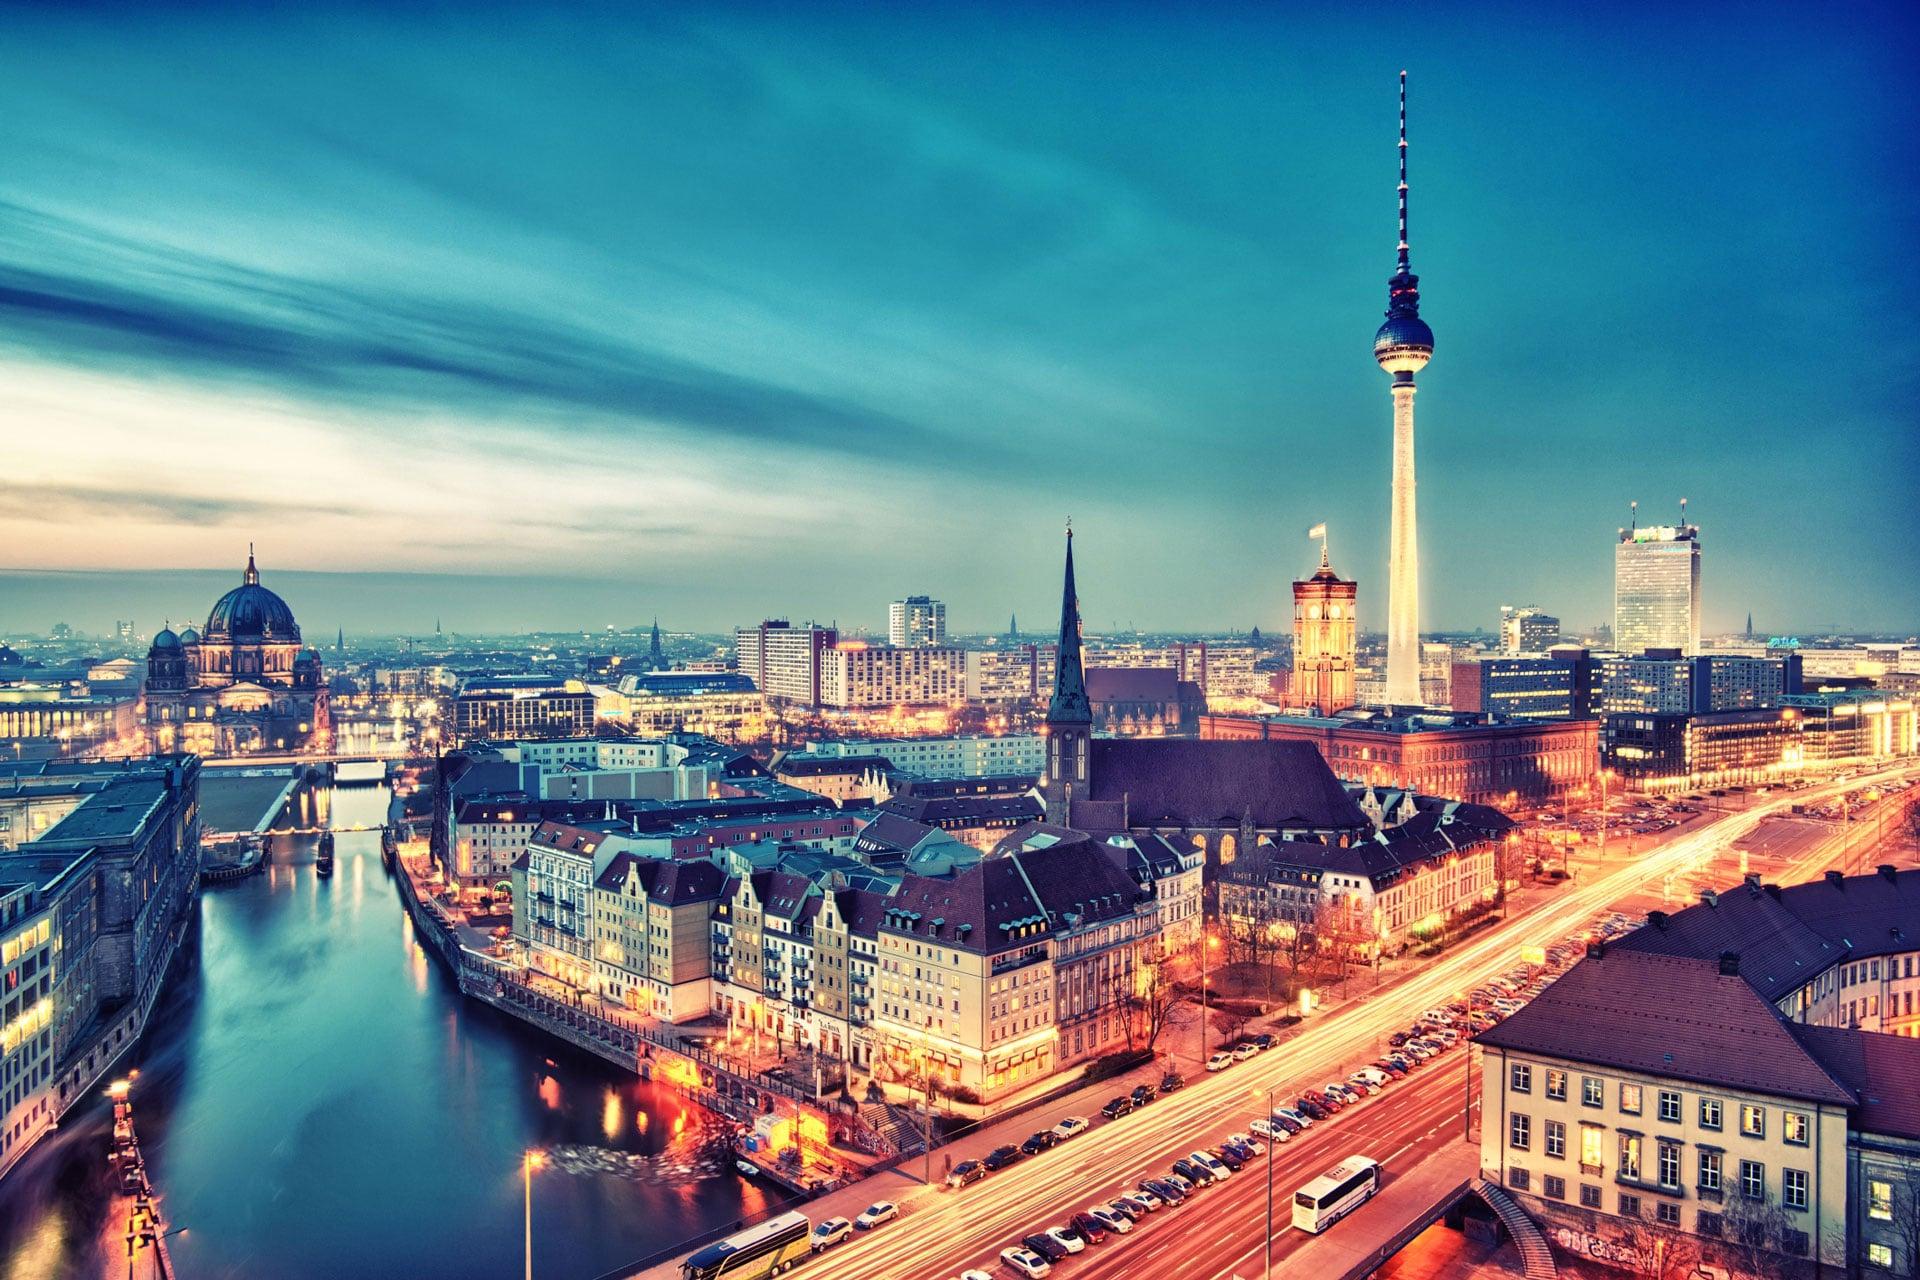 studera tyska berlin